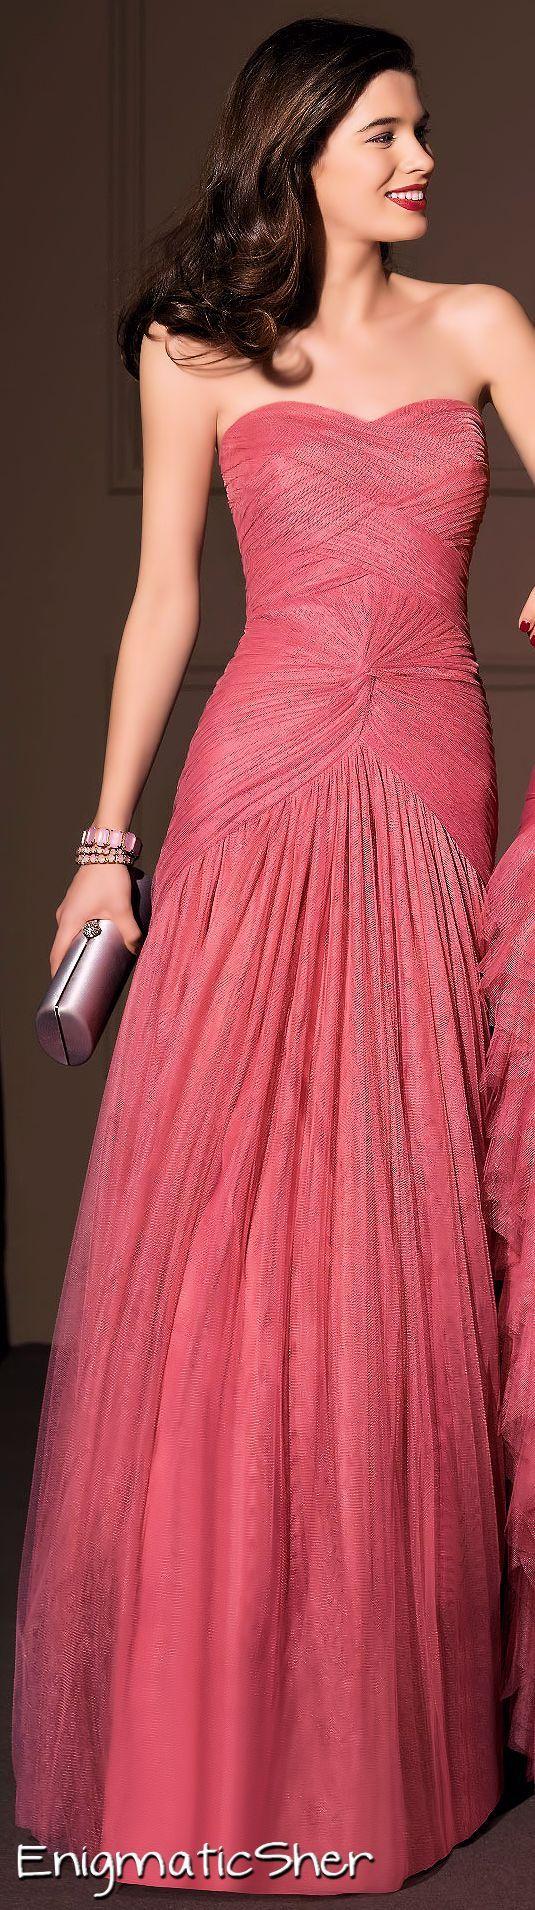 Pin de amiri en vestidos | Pinterest | Vestidos de noche, Noche y ...